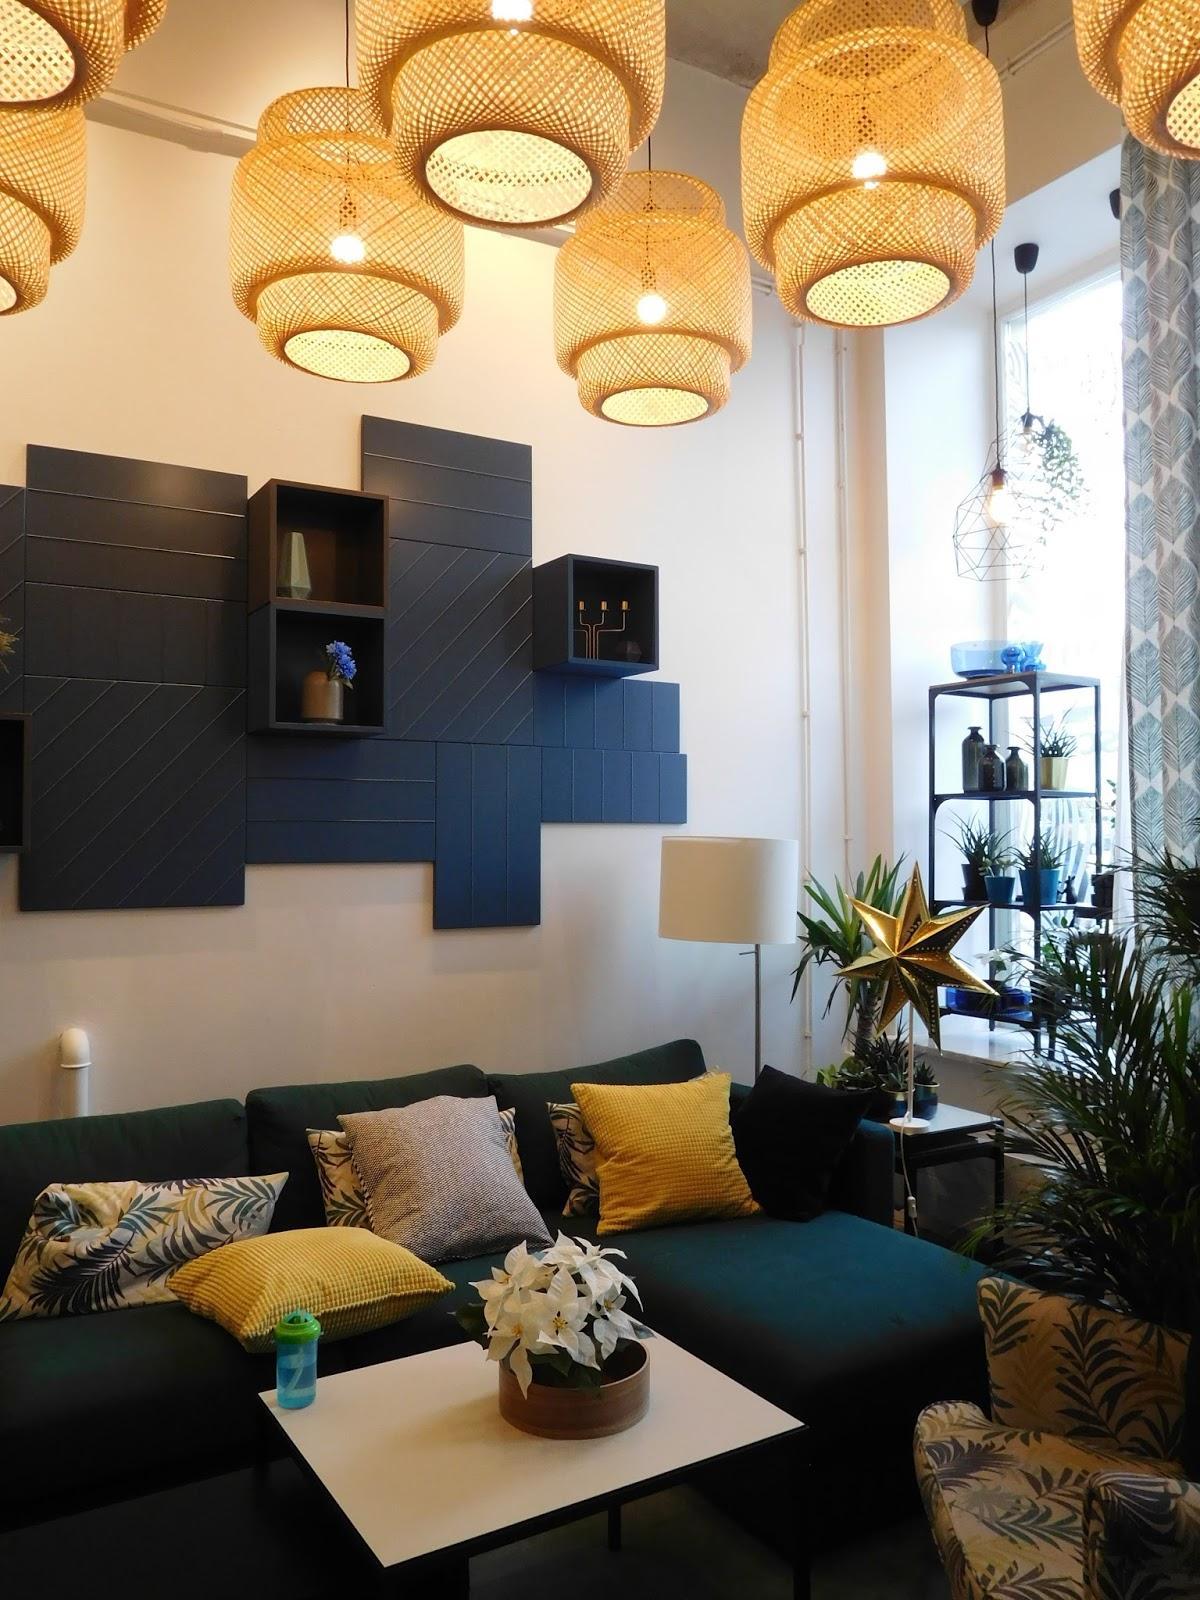 Kuchnia Spotkan Ikea Przepisy Na Rajma Chaval Oraz Banoffee